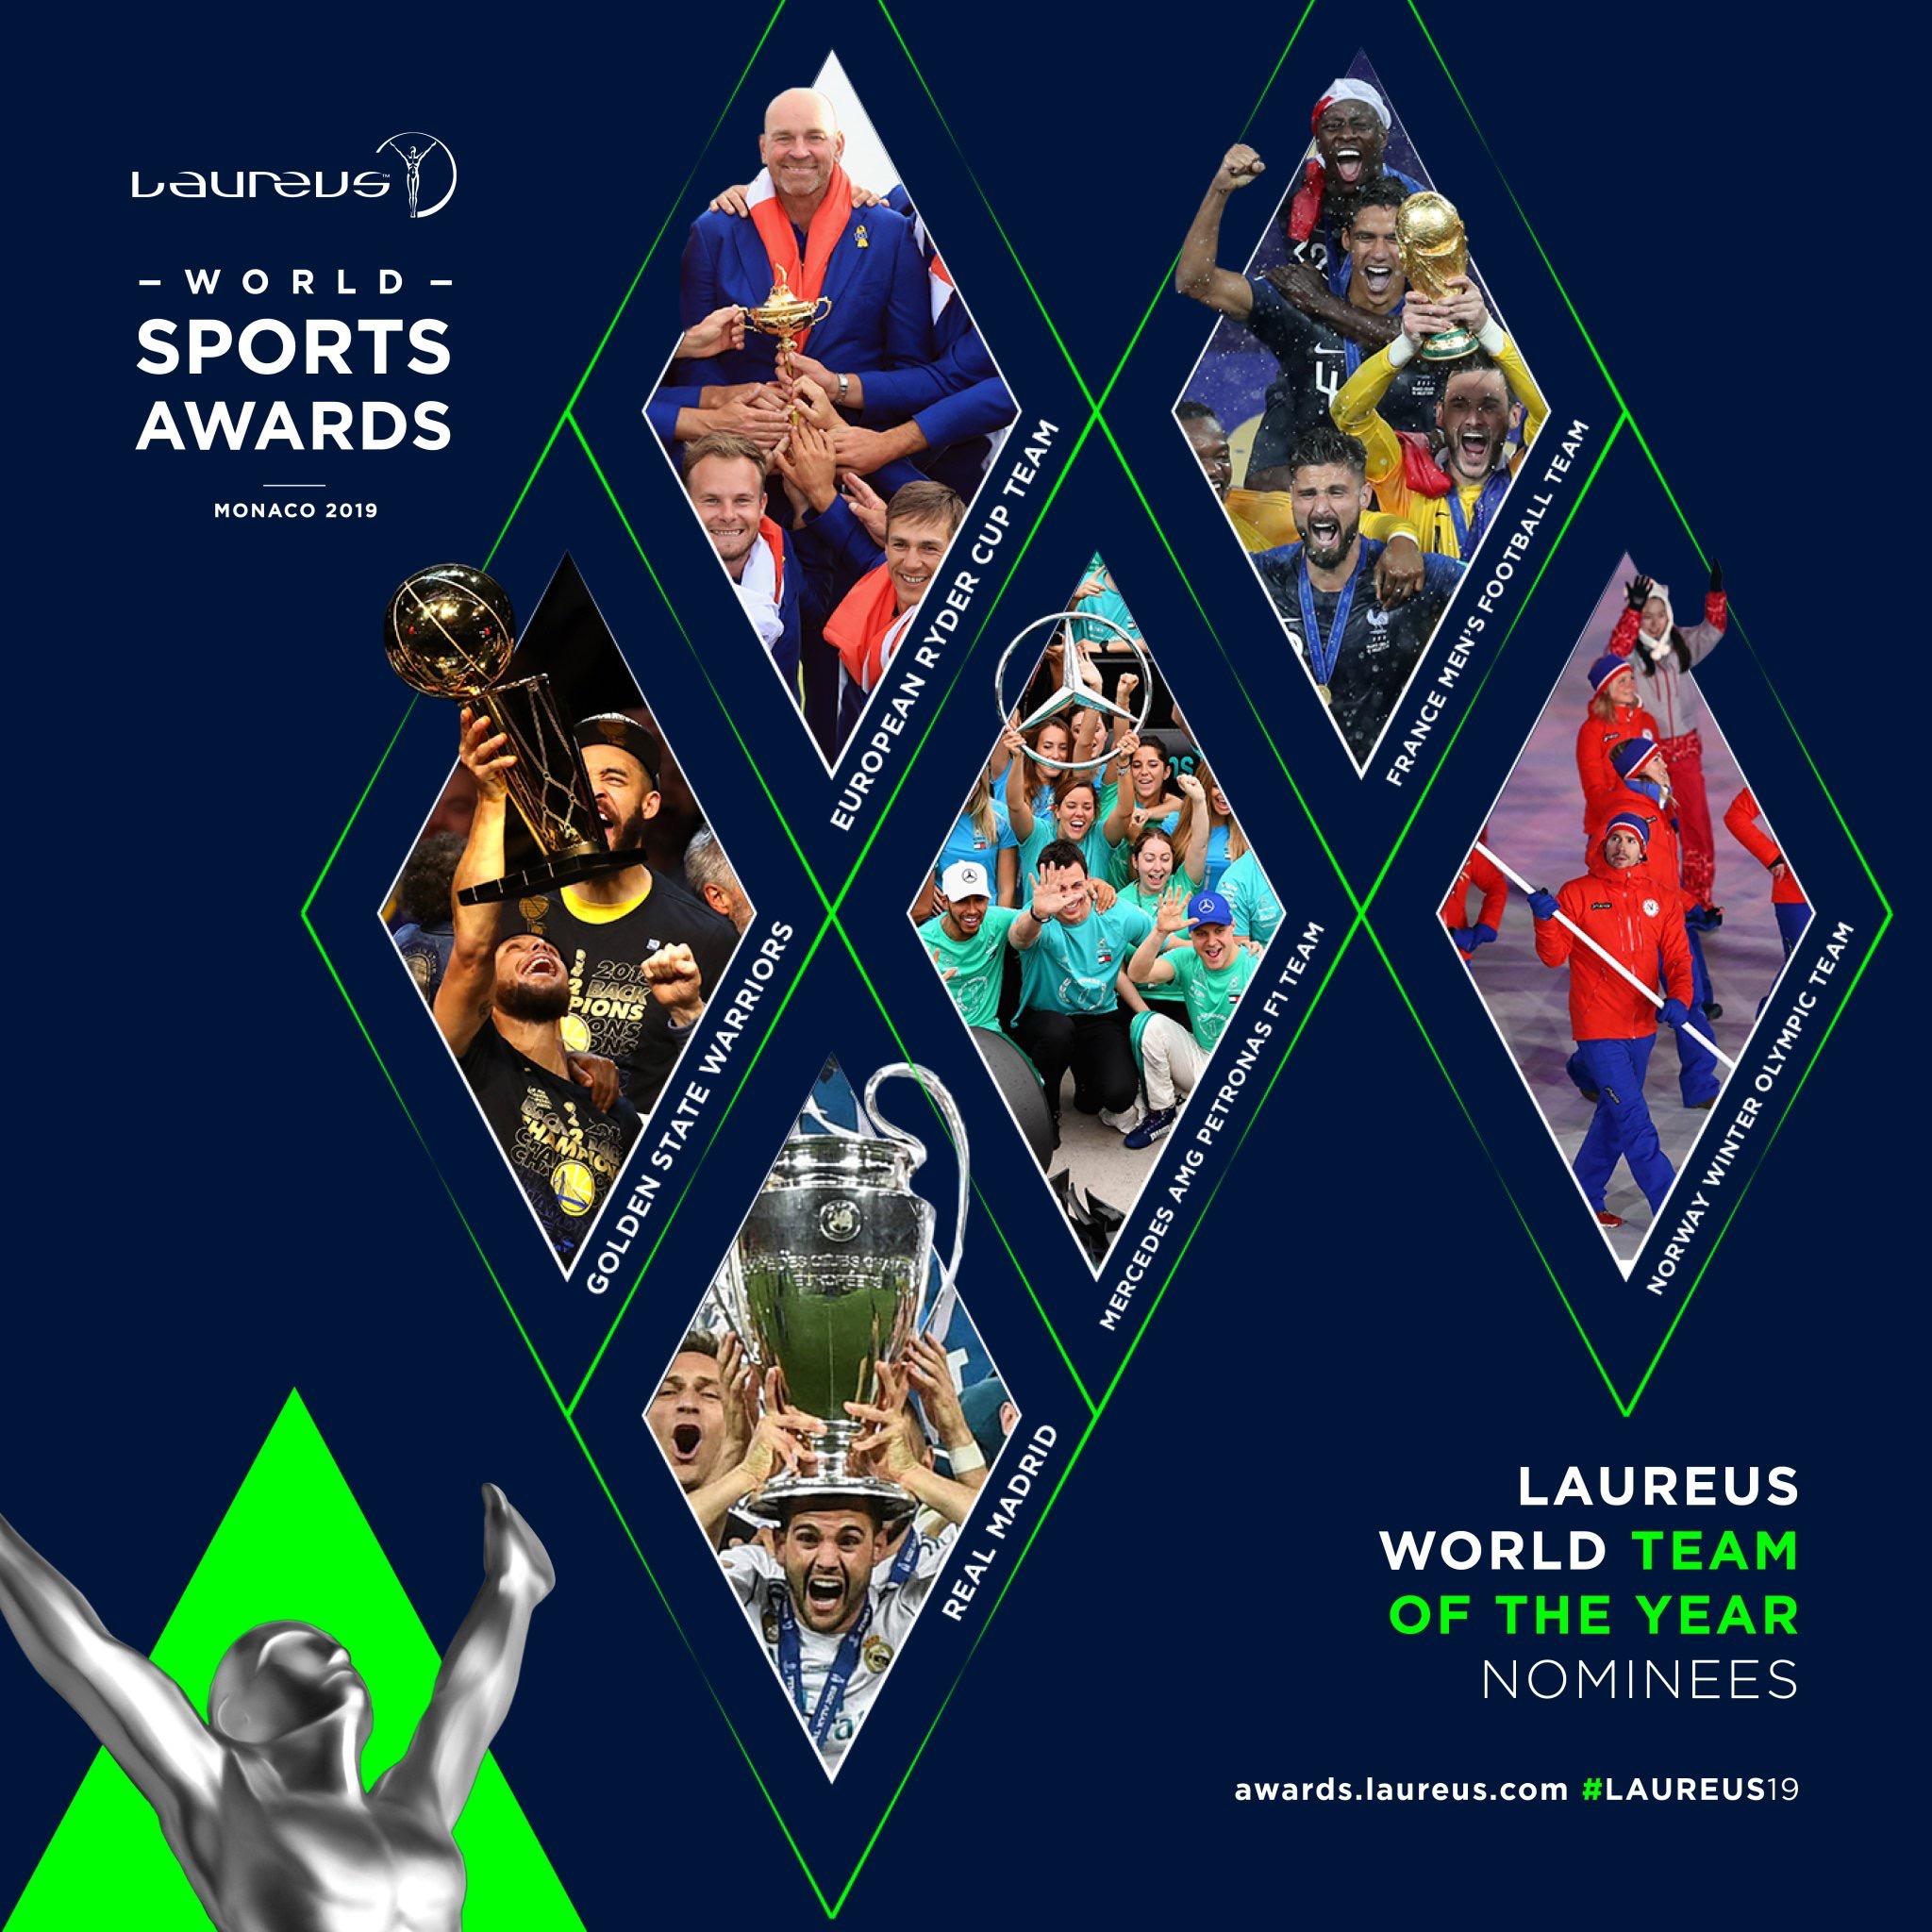 金州勇士队获得劳伦斯奖年度最佳体育团队挑名